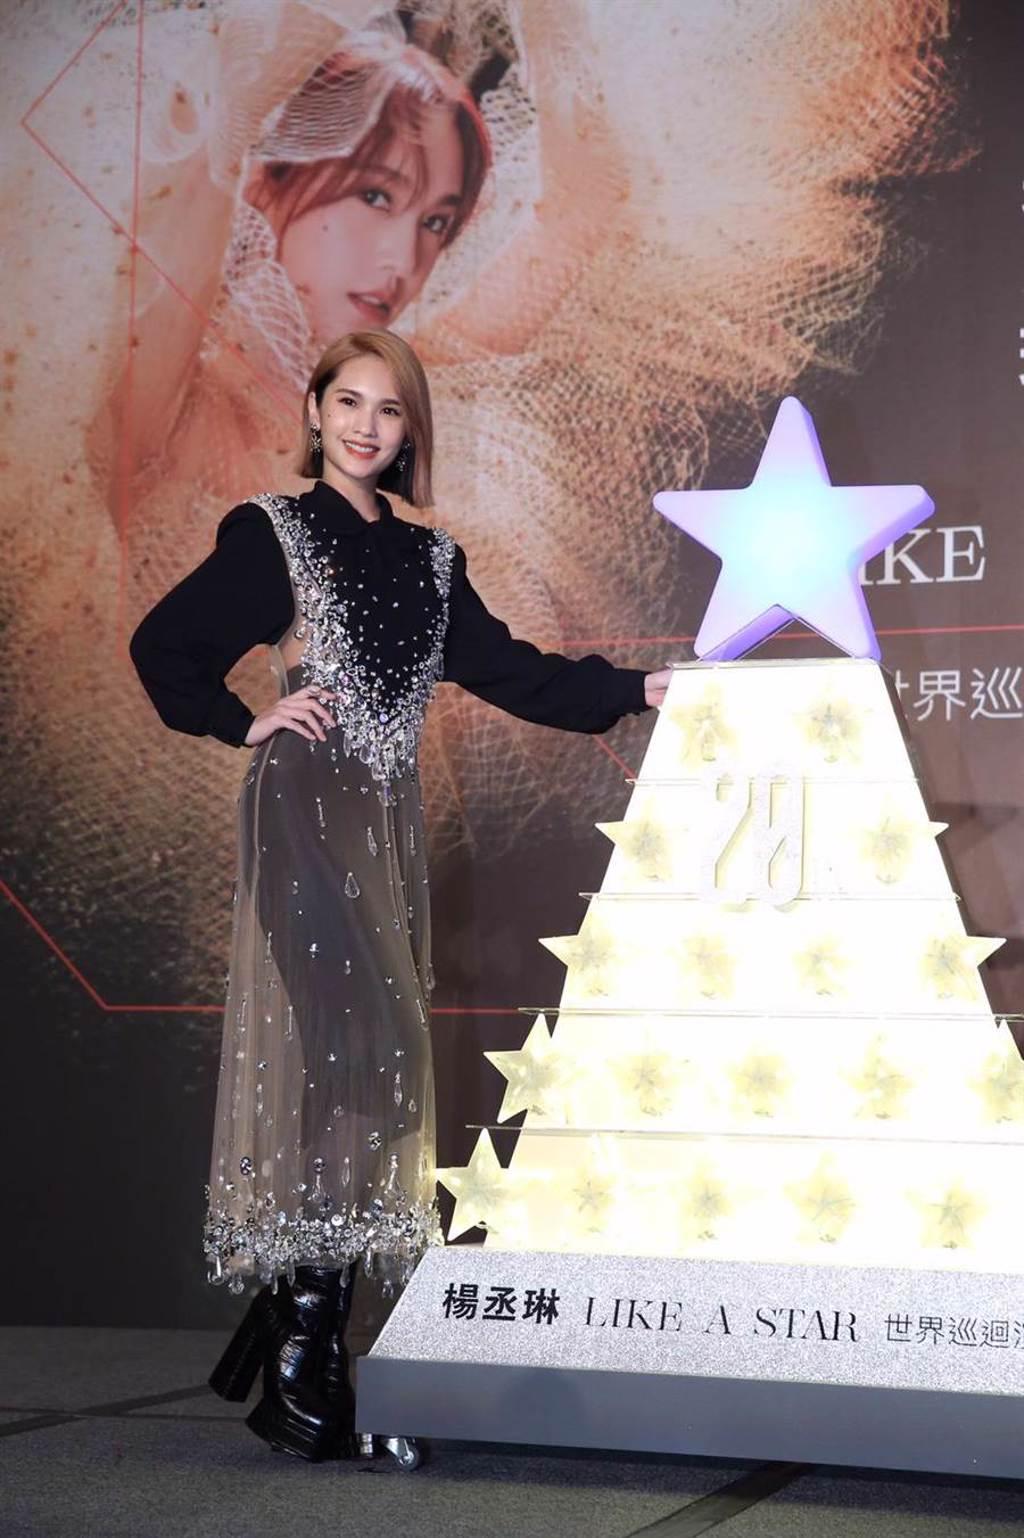 楊丞琳今舉辦「LIKE A STAR」世界巡迴演唱會記者會。(陳俊吉攝)